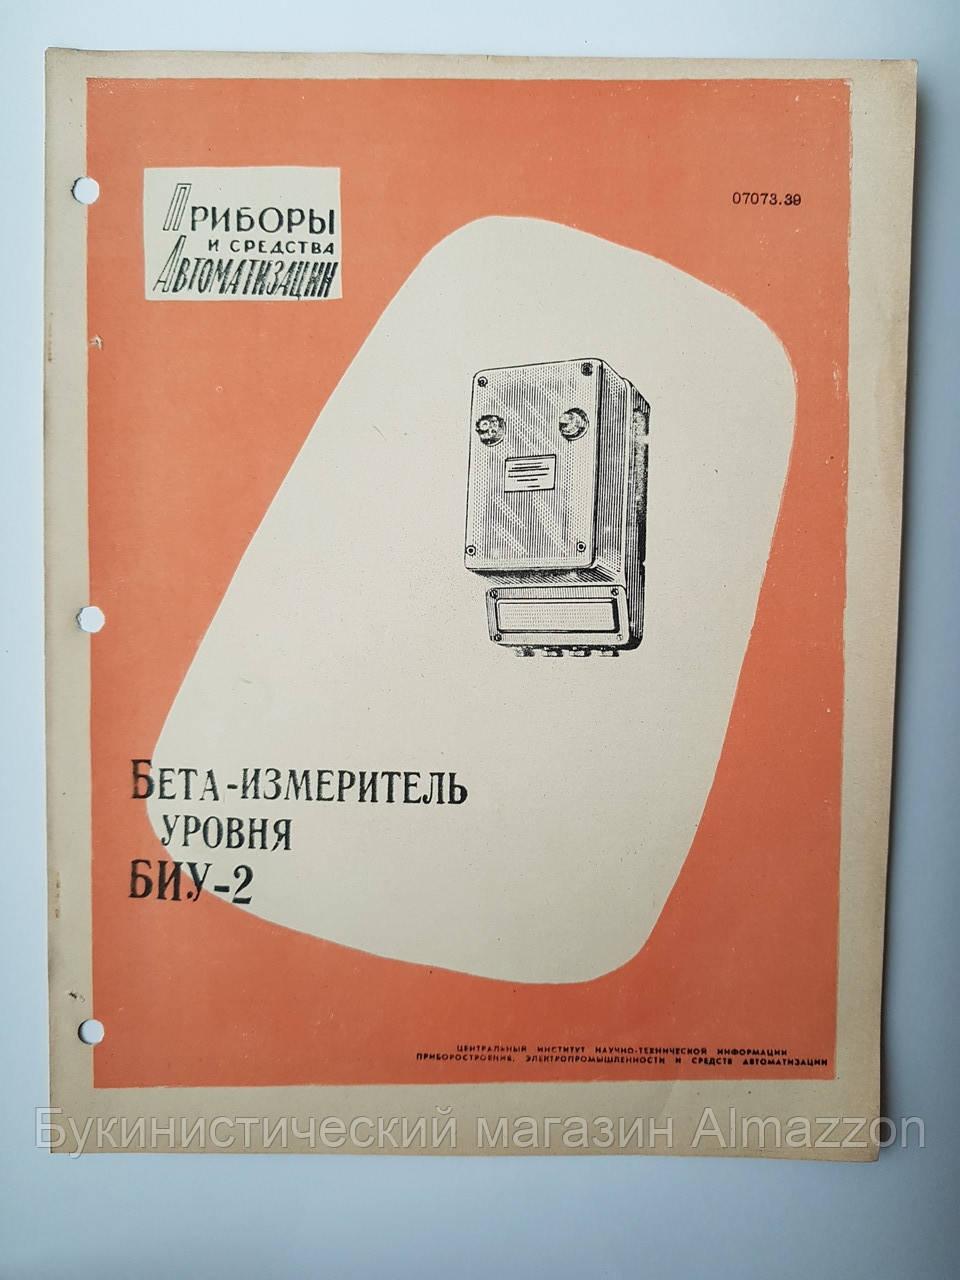 """Журнал (Бюллетень) """"Бета-измеритель уровня БИУ-2  07073.39 """" 1962 г."""